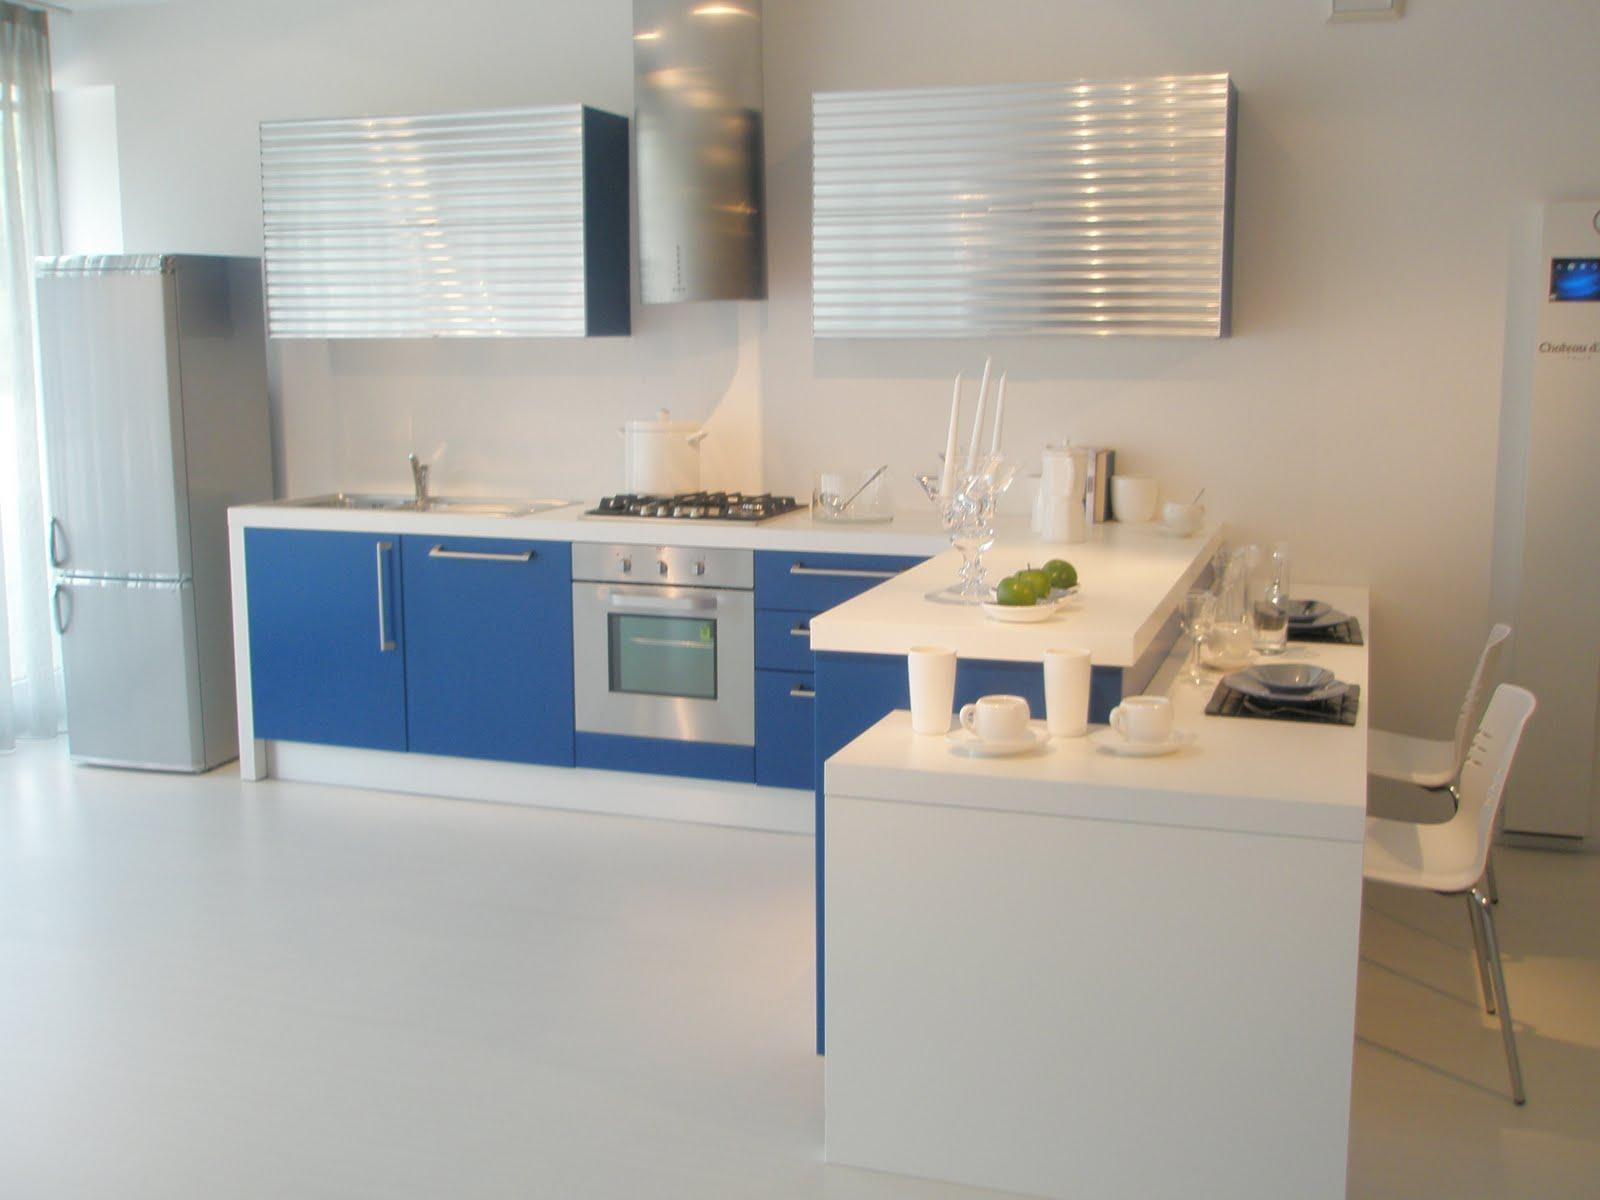 Cozinha Com Ilha Retangular Beyato Com V Rios Desenhos Sobre